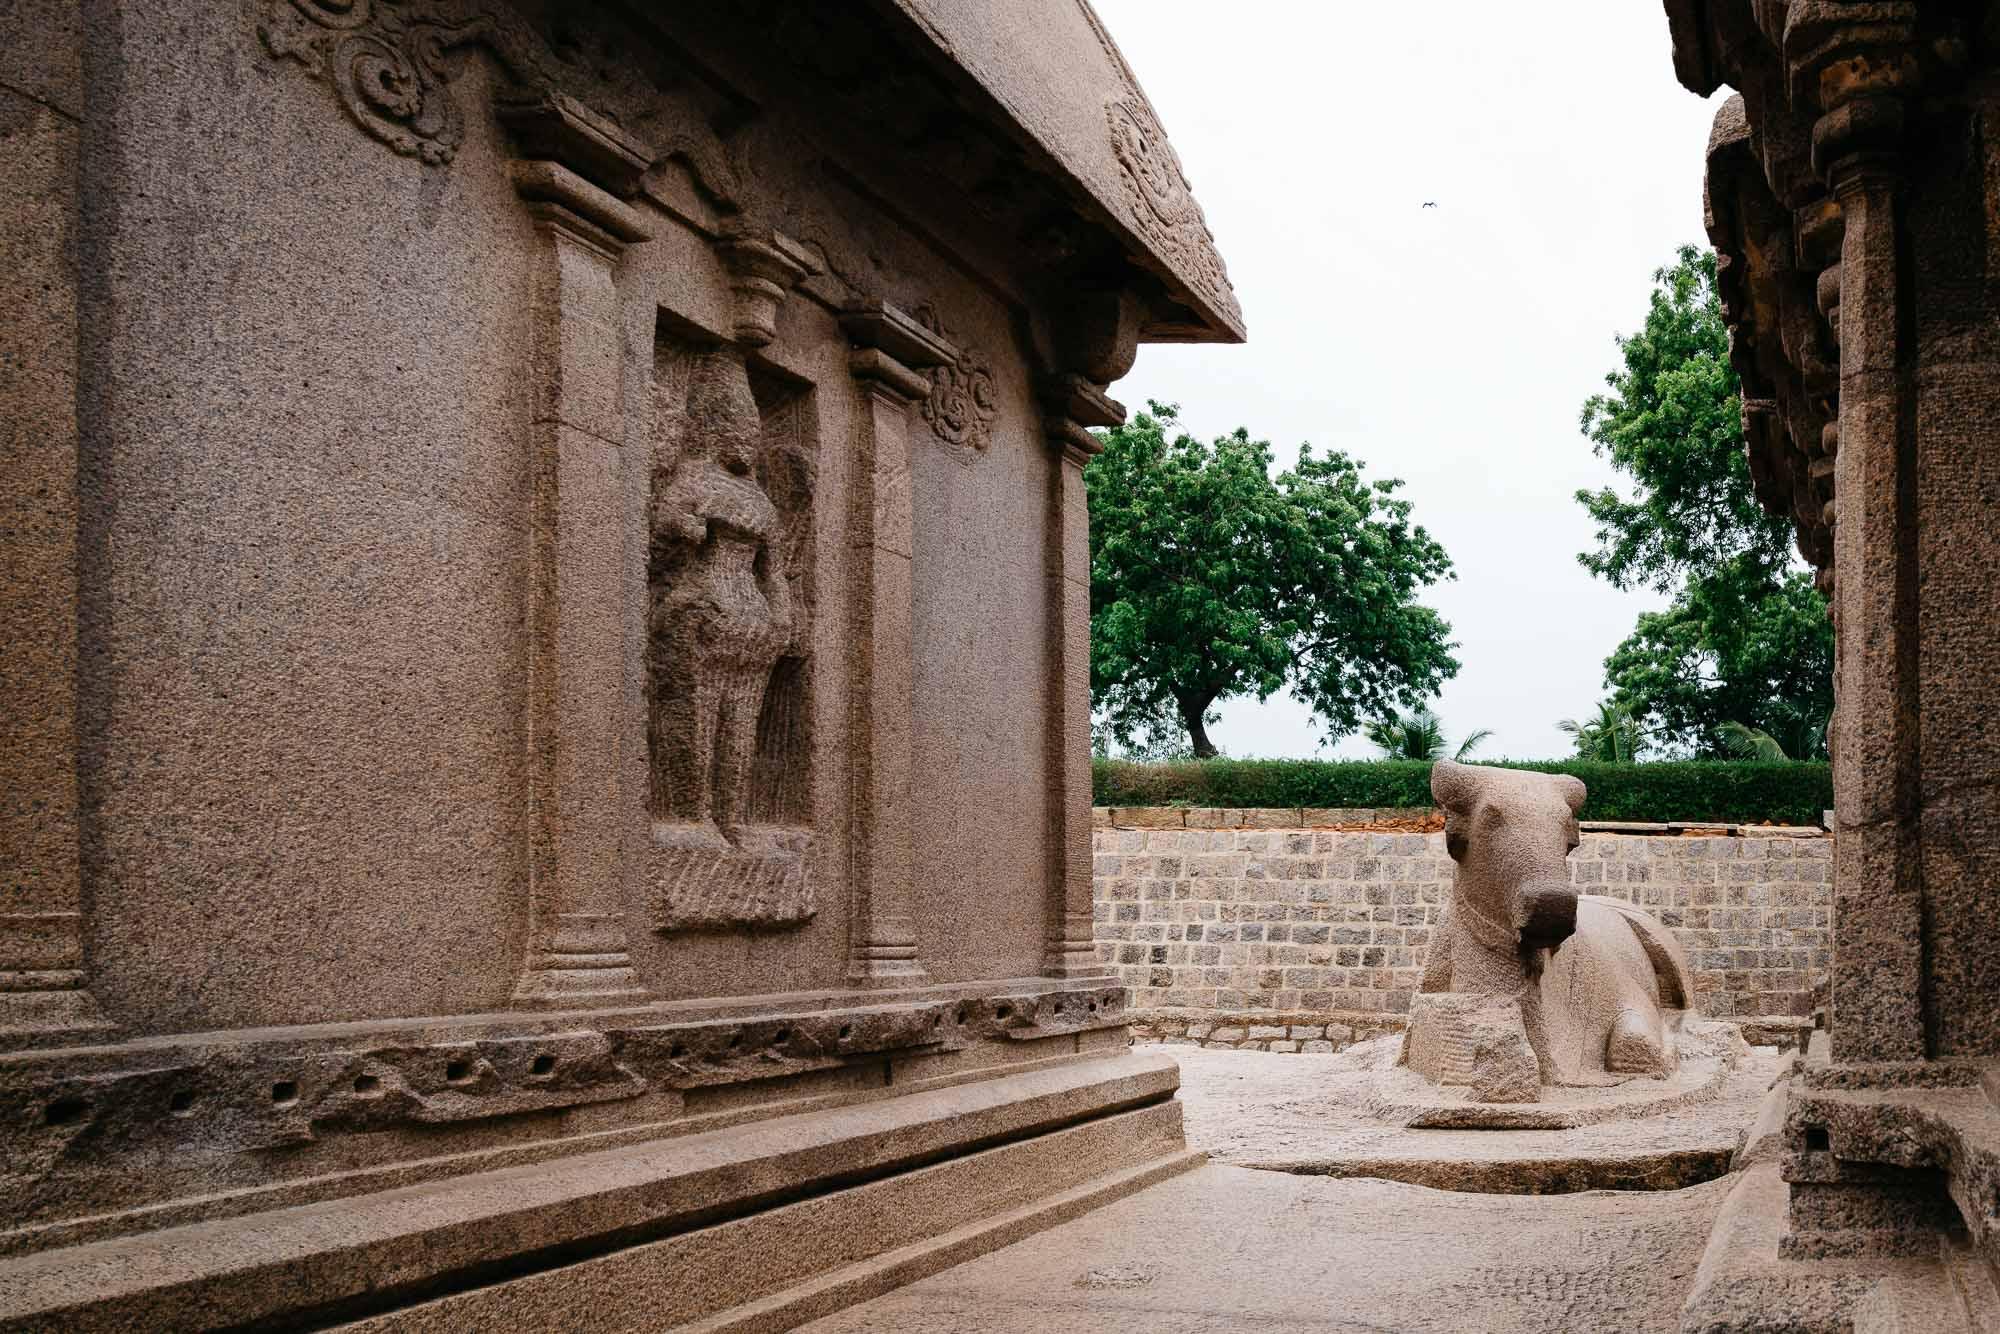 160625-chennai-mahabalipuram-trip-120500.jpg